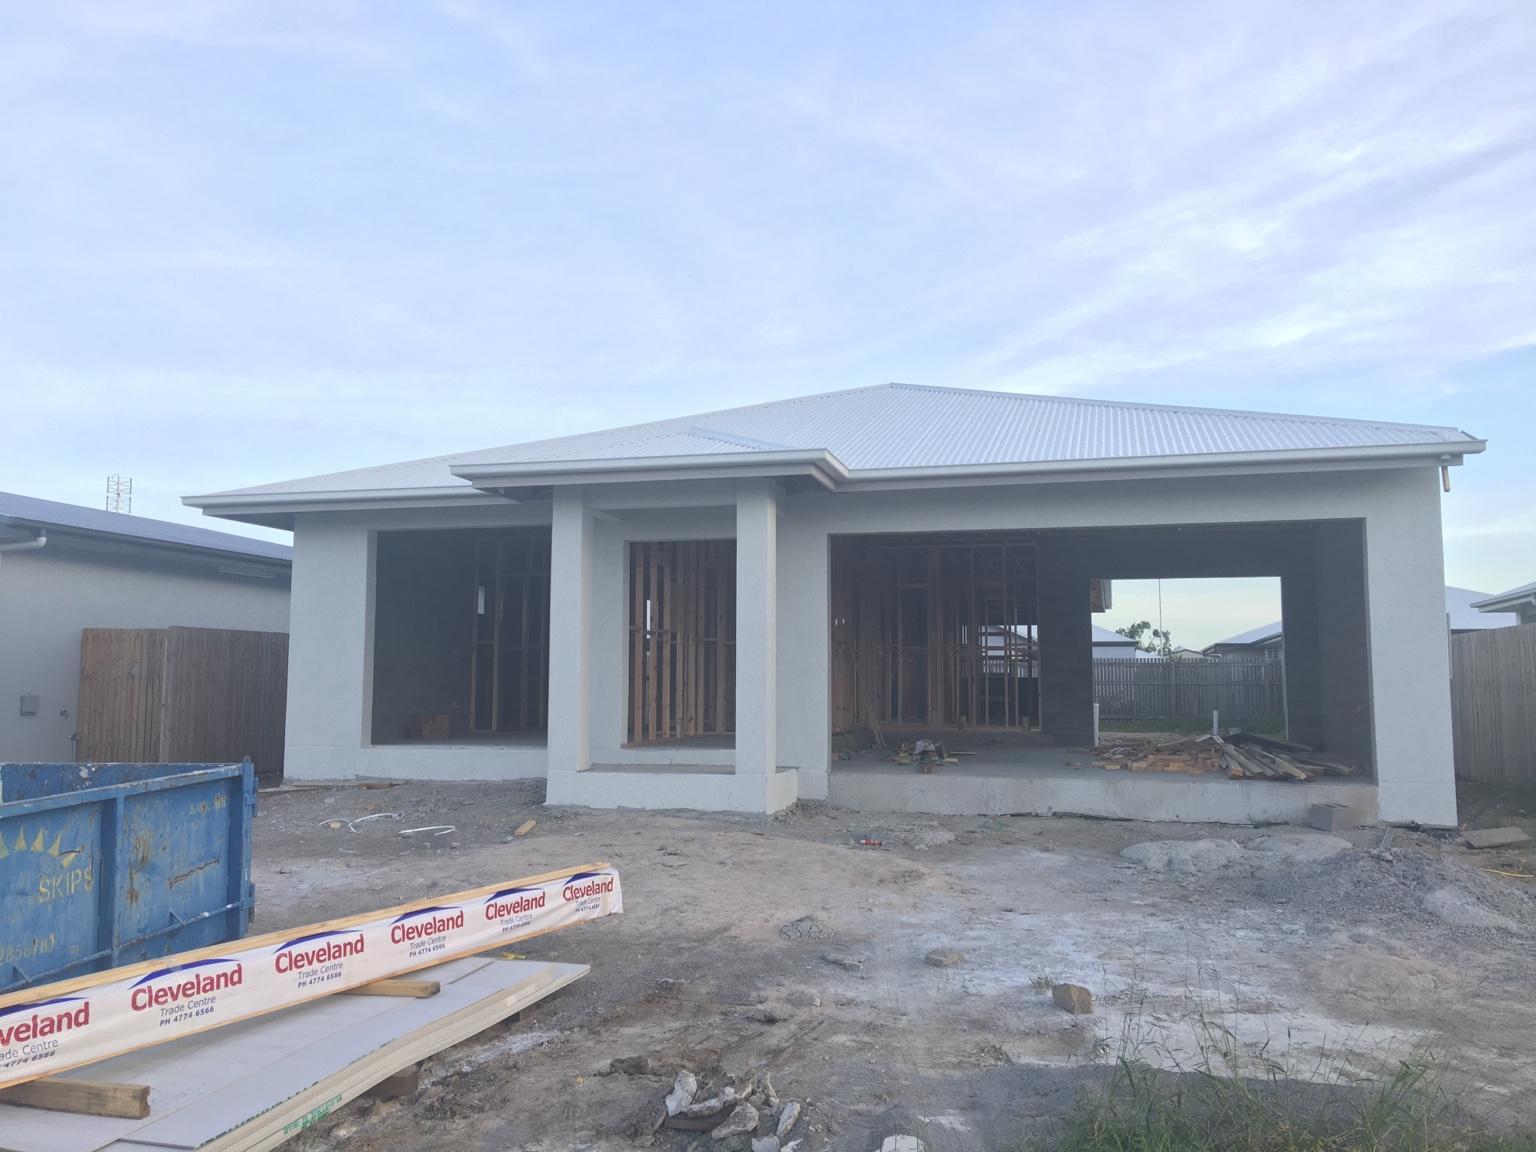 Building in North Queensland